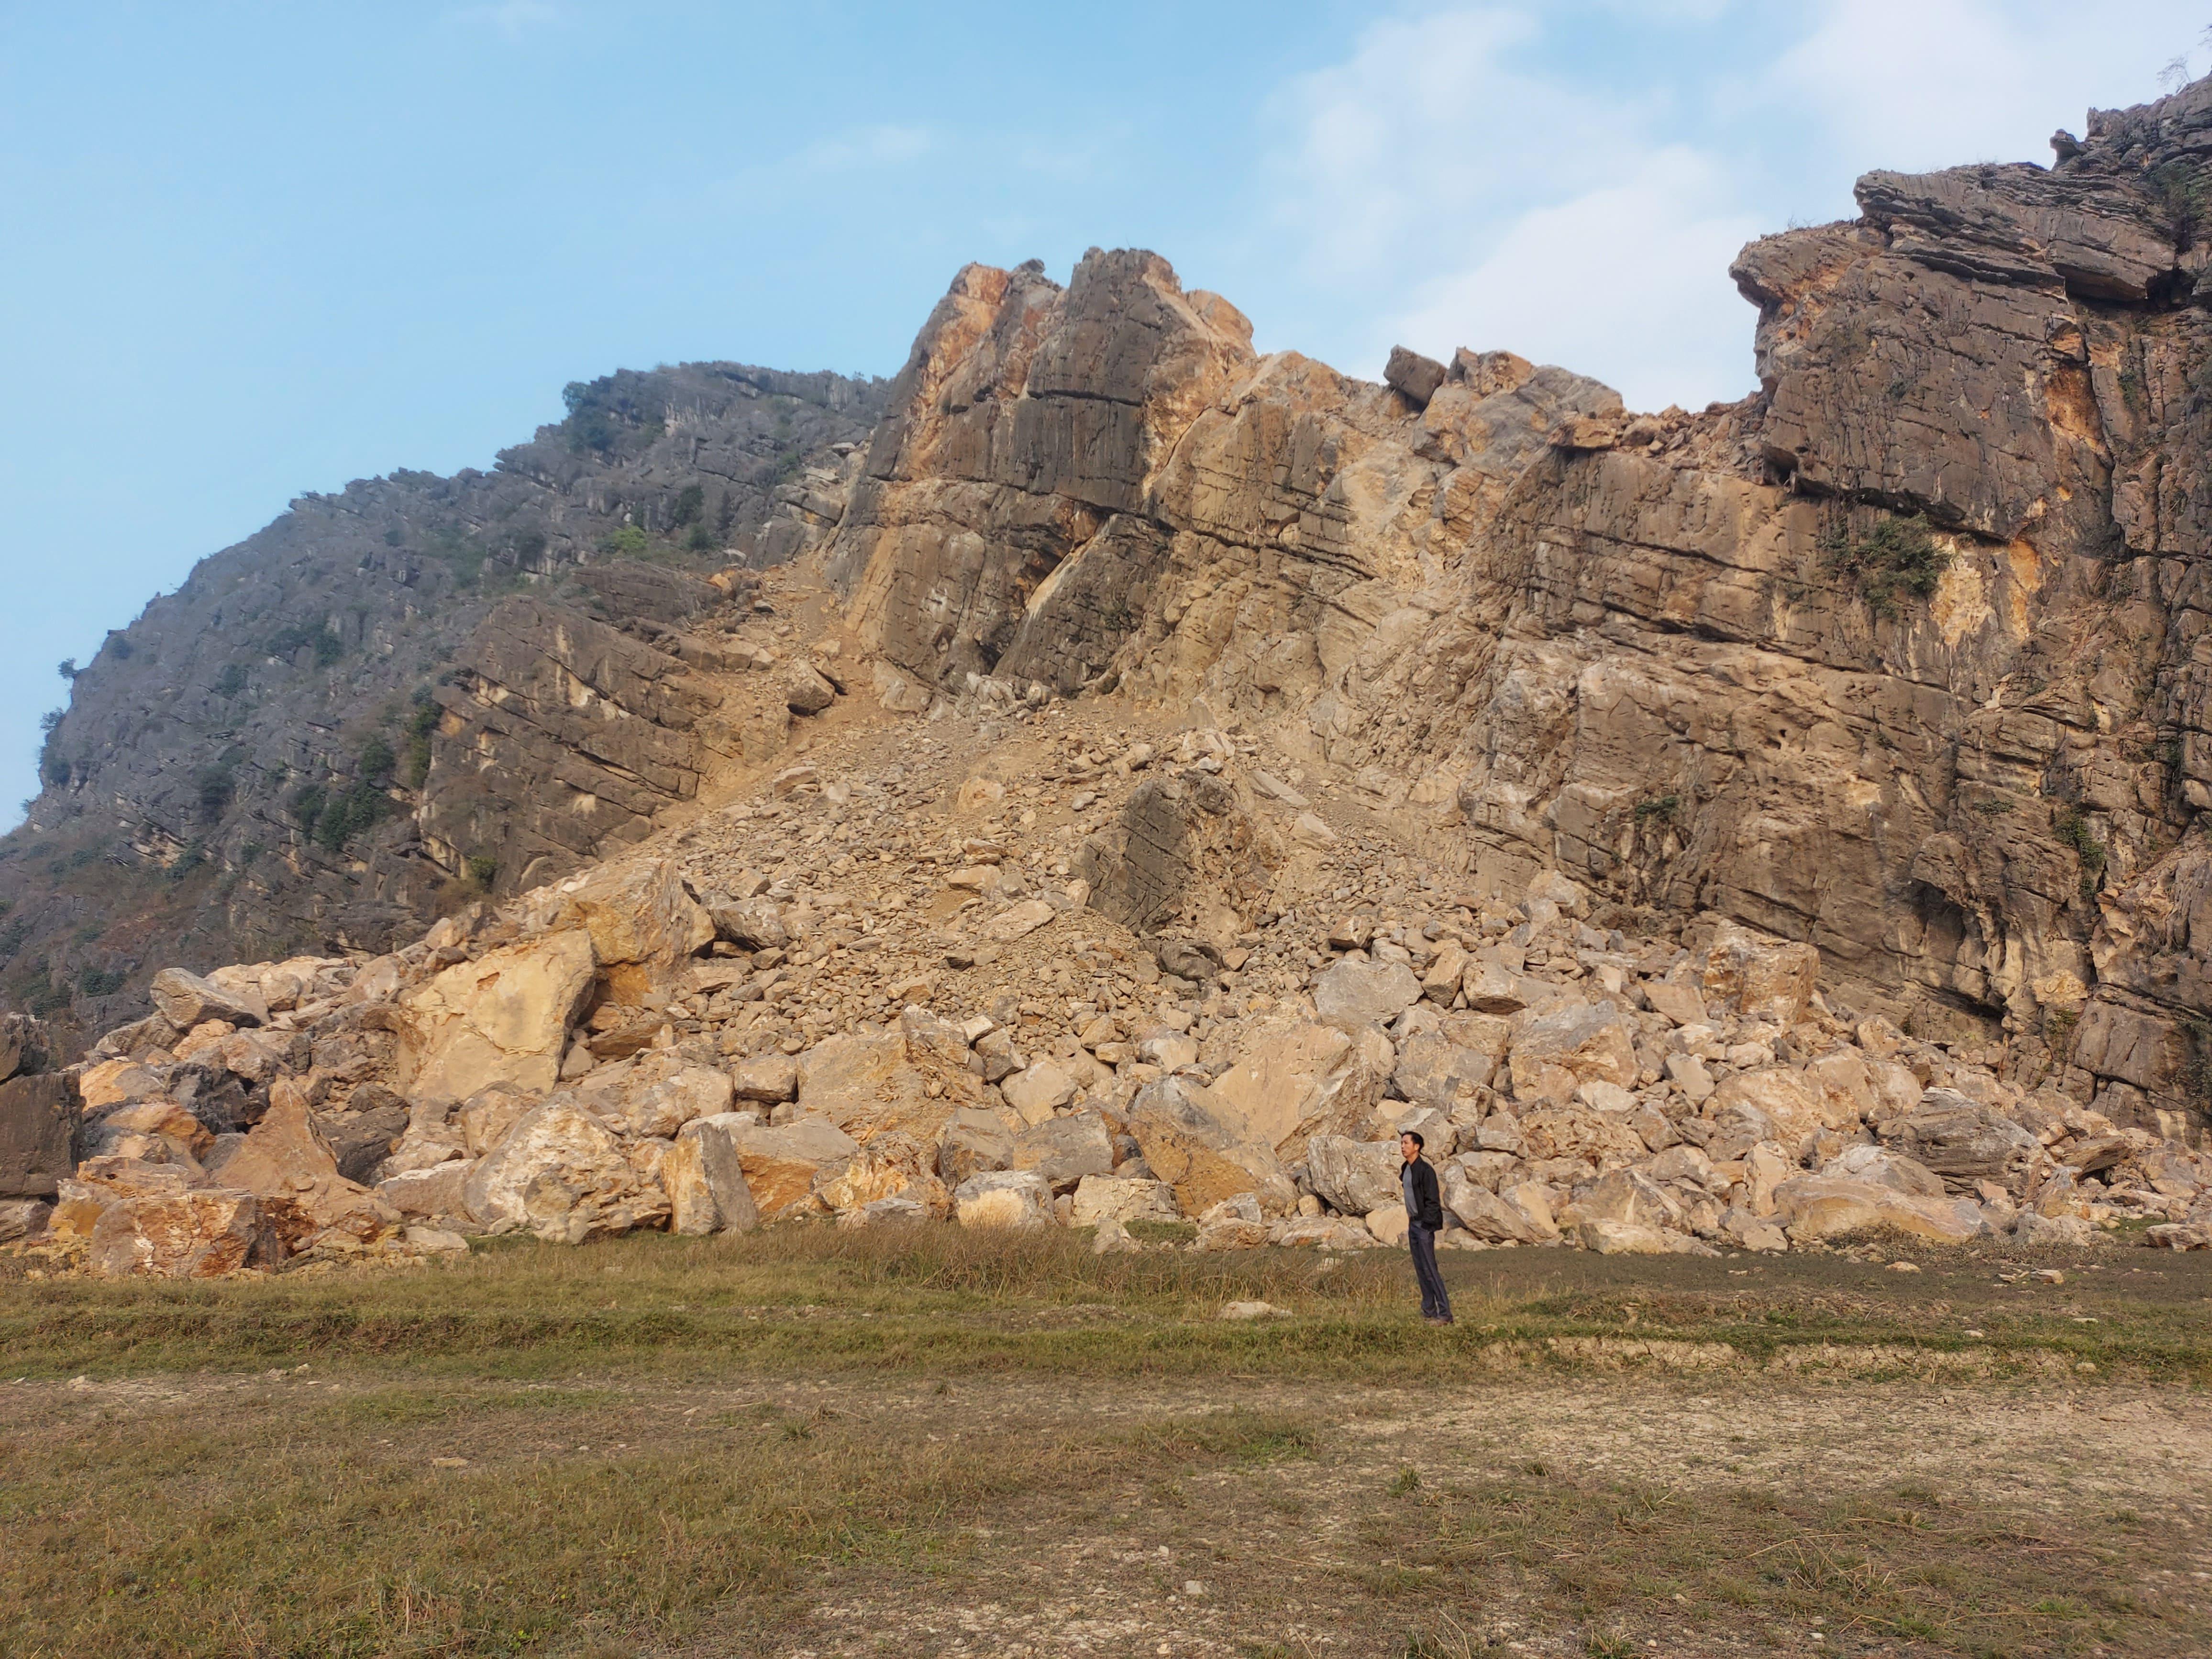 Hoạt động khai thác đá của DN Thiên Tân gây ảnh hưởng nghiêm trọng tới đời sống, sinh hoạt của người dân xã Đức Long.